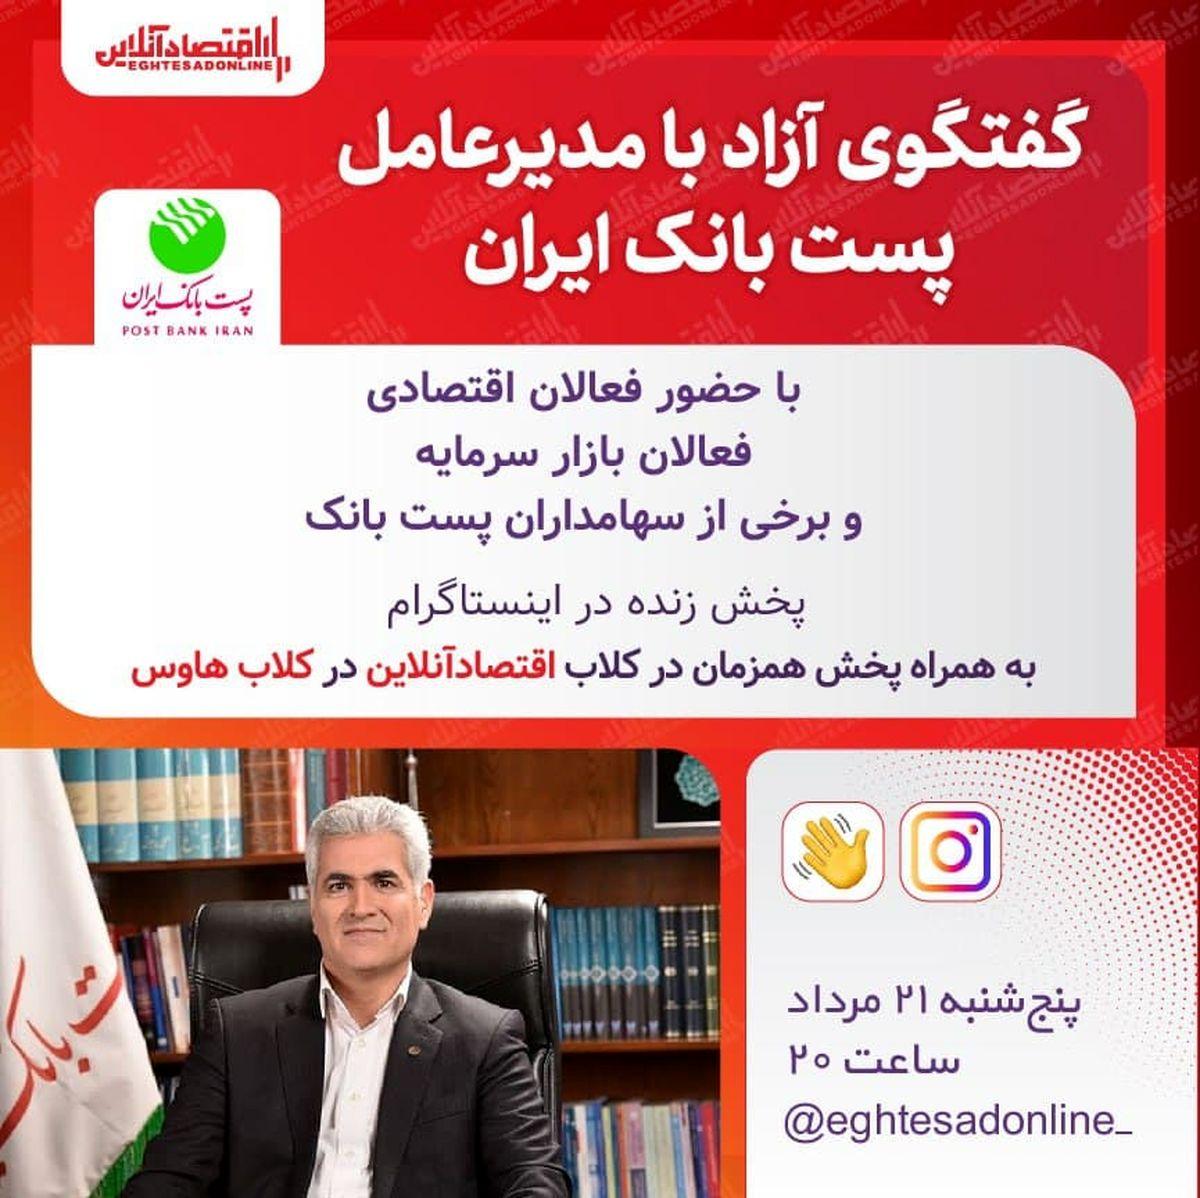 گفتوگوی آزاد با مدیرعامل پست بانک ایران در کلاب اقتصادآنلاین